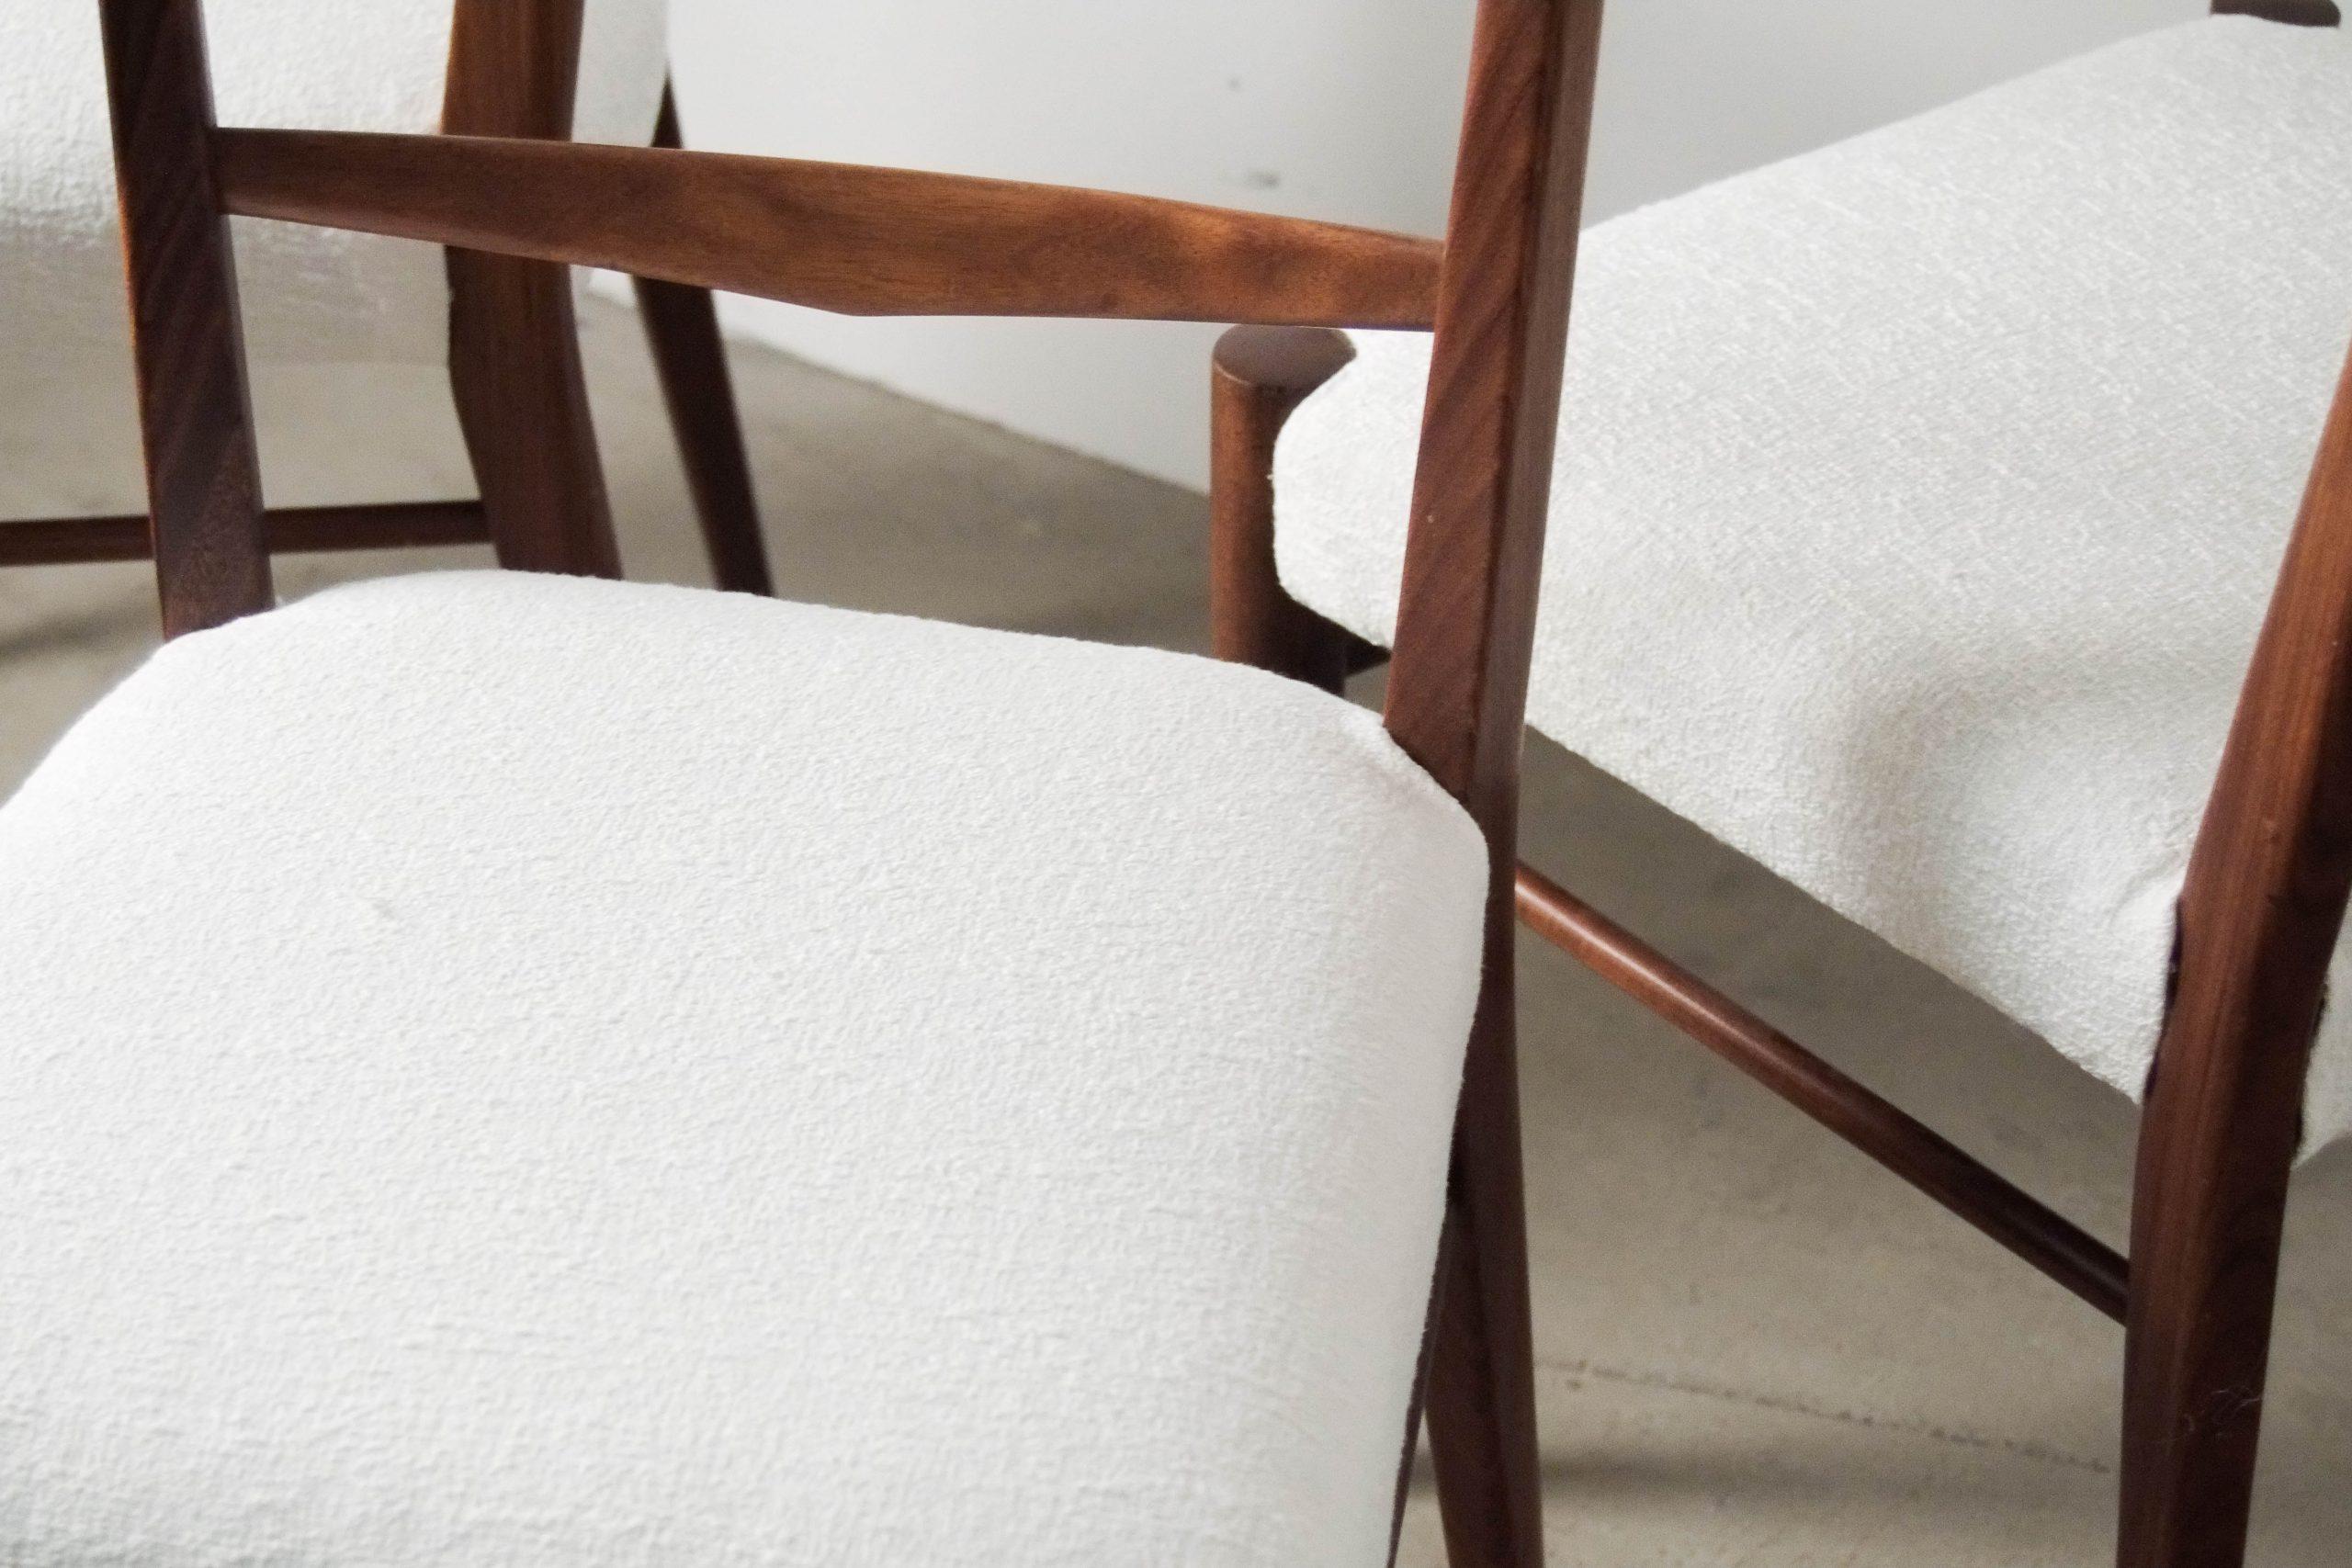 silla cees braakman de diseño madera maciza de palosanto